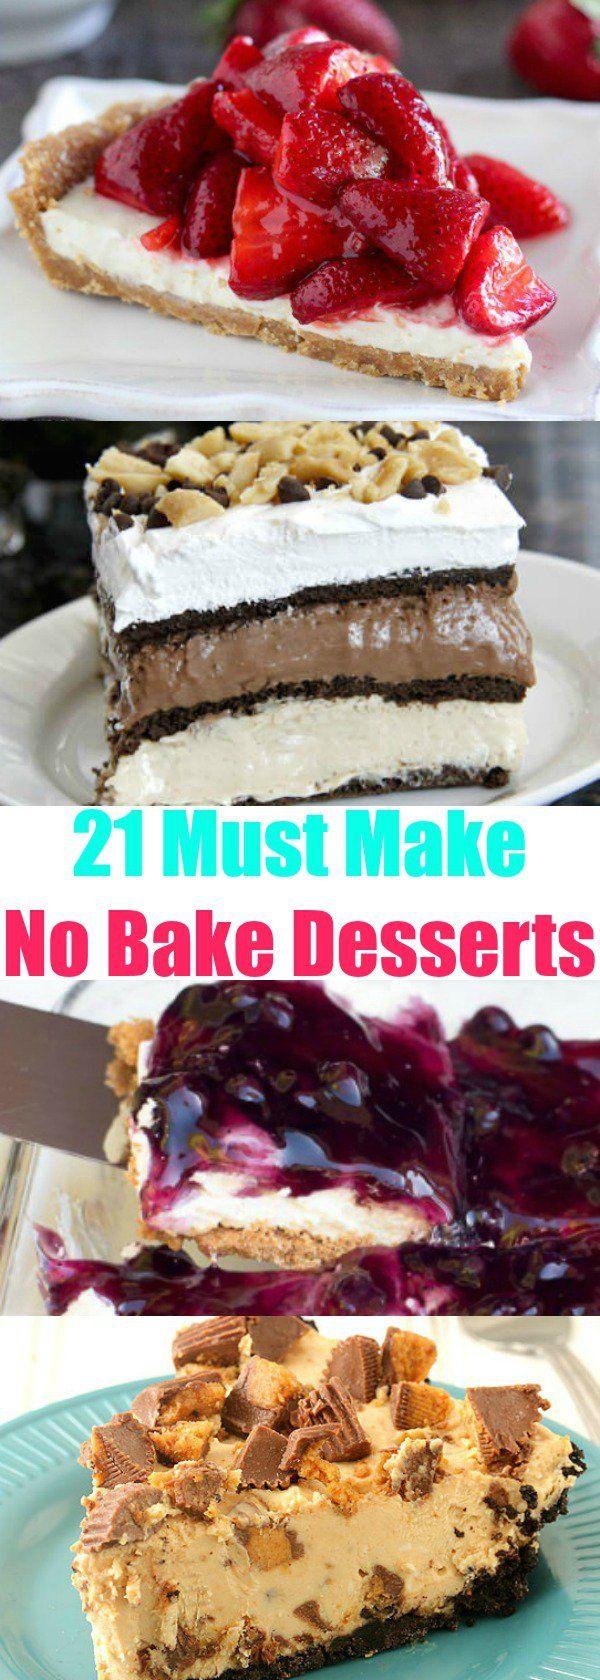 21 Must Make No Bake Desserts